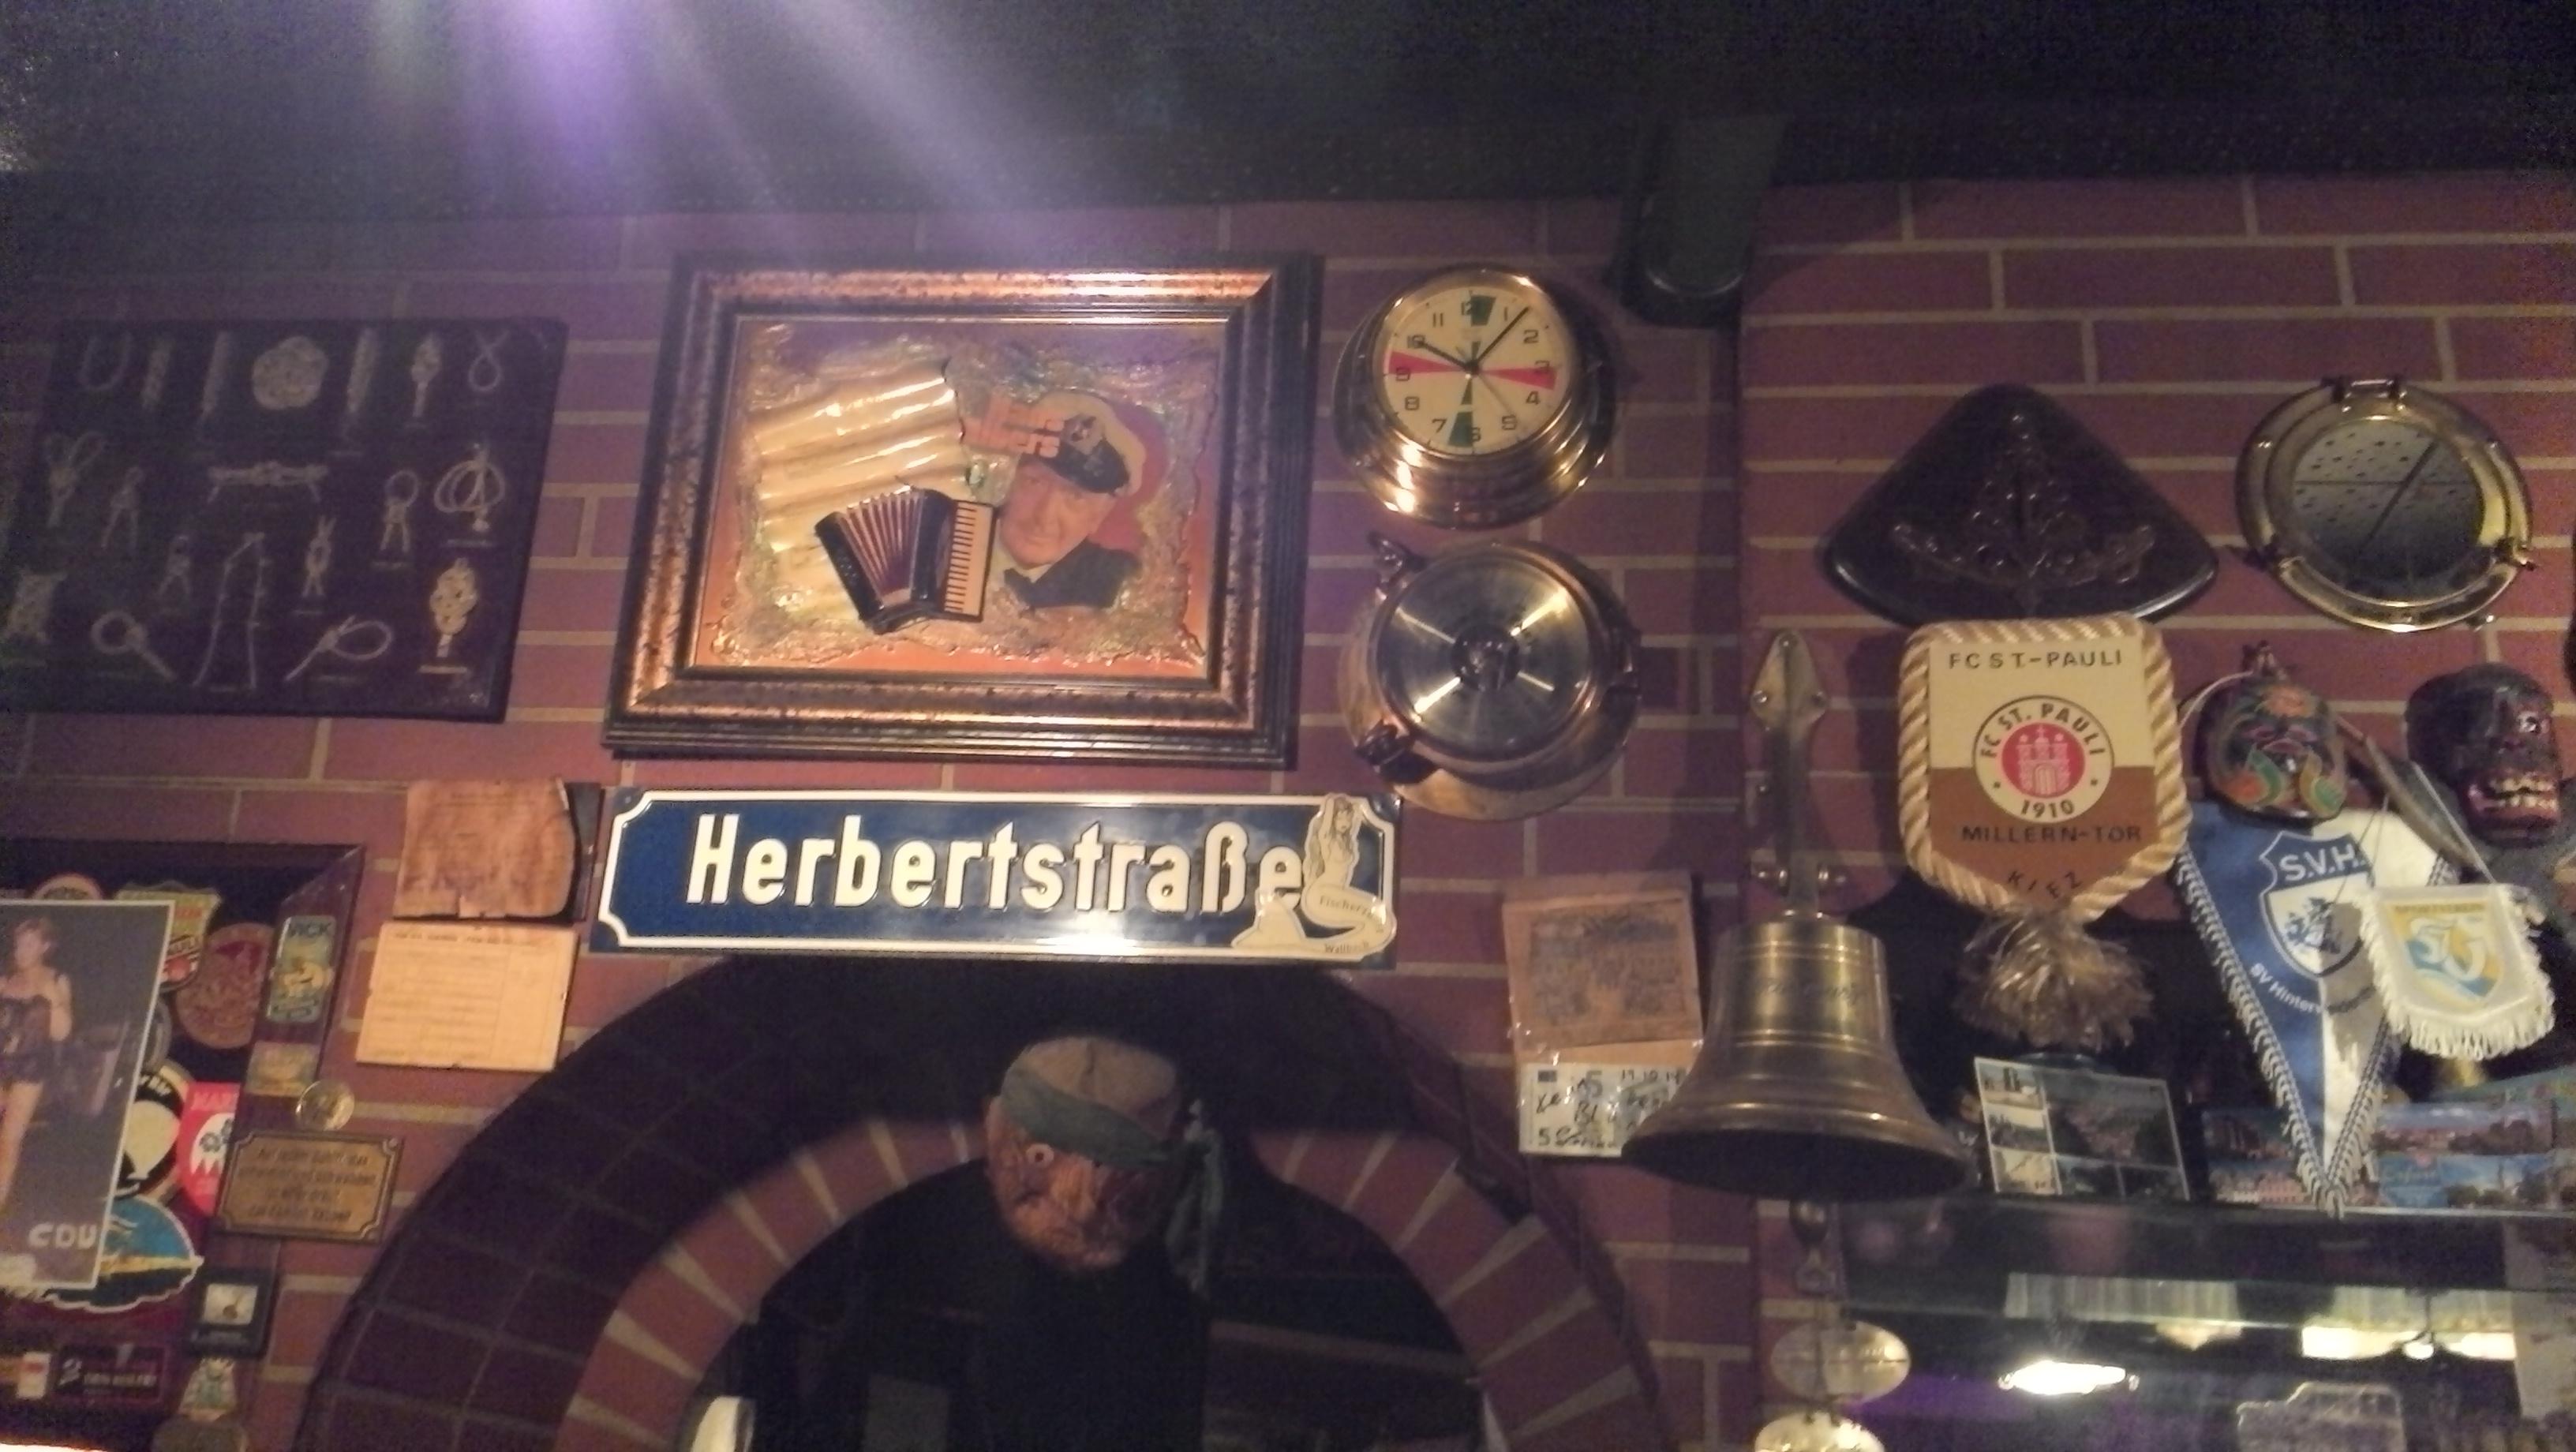 alte Bilder an der Wand - Hans Albers lässt Grüßen